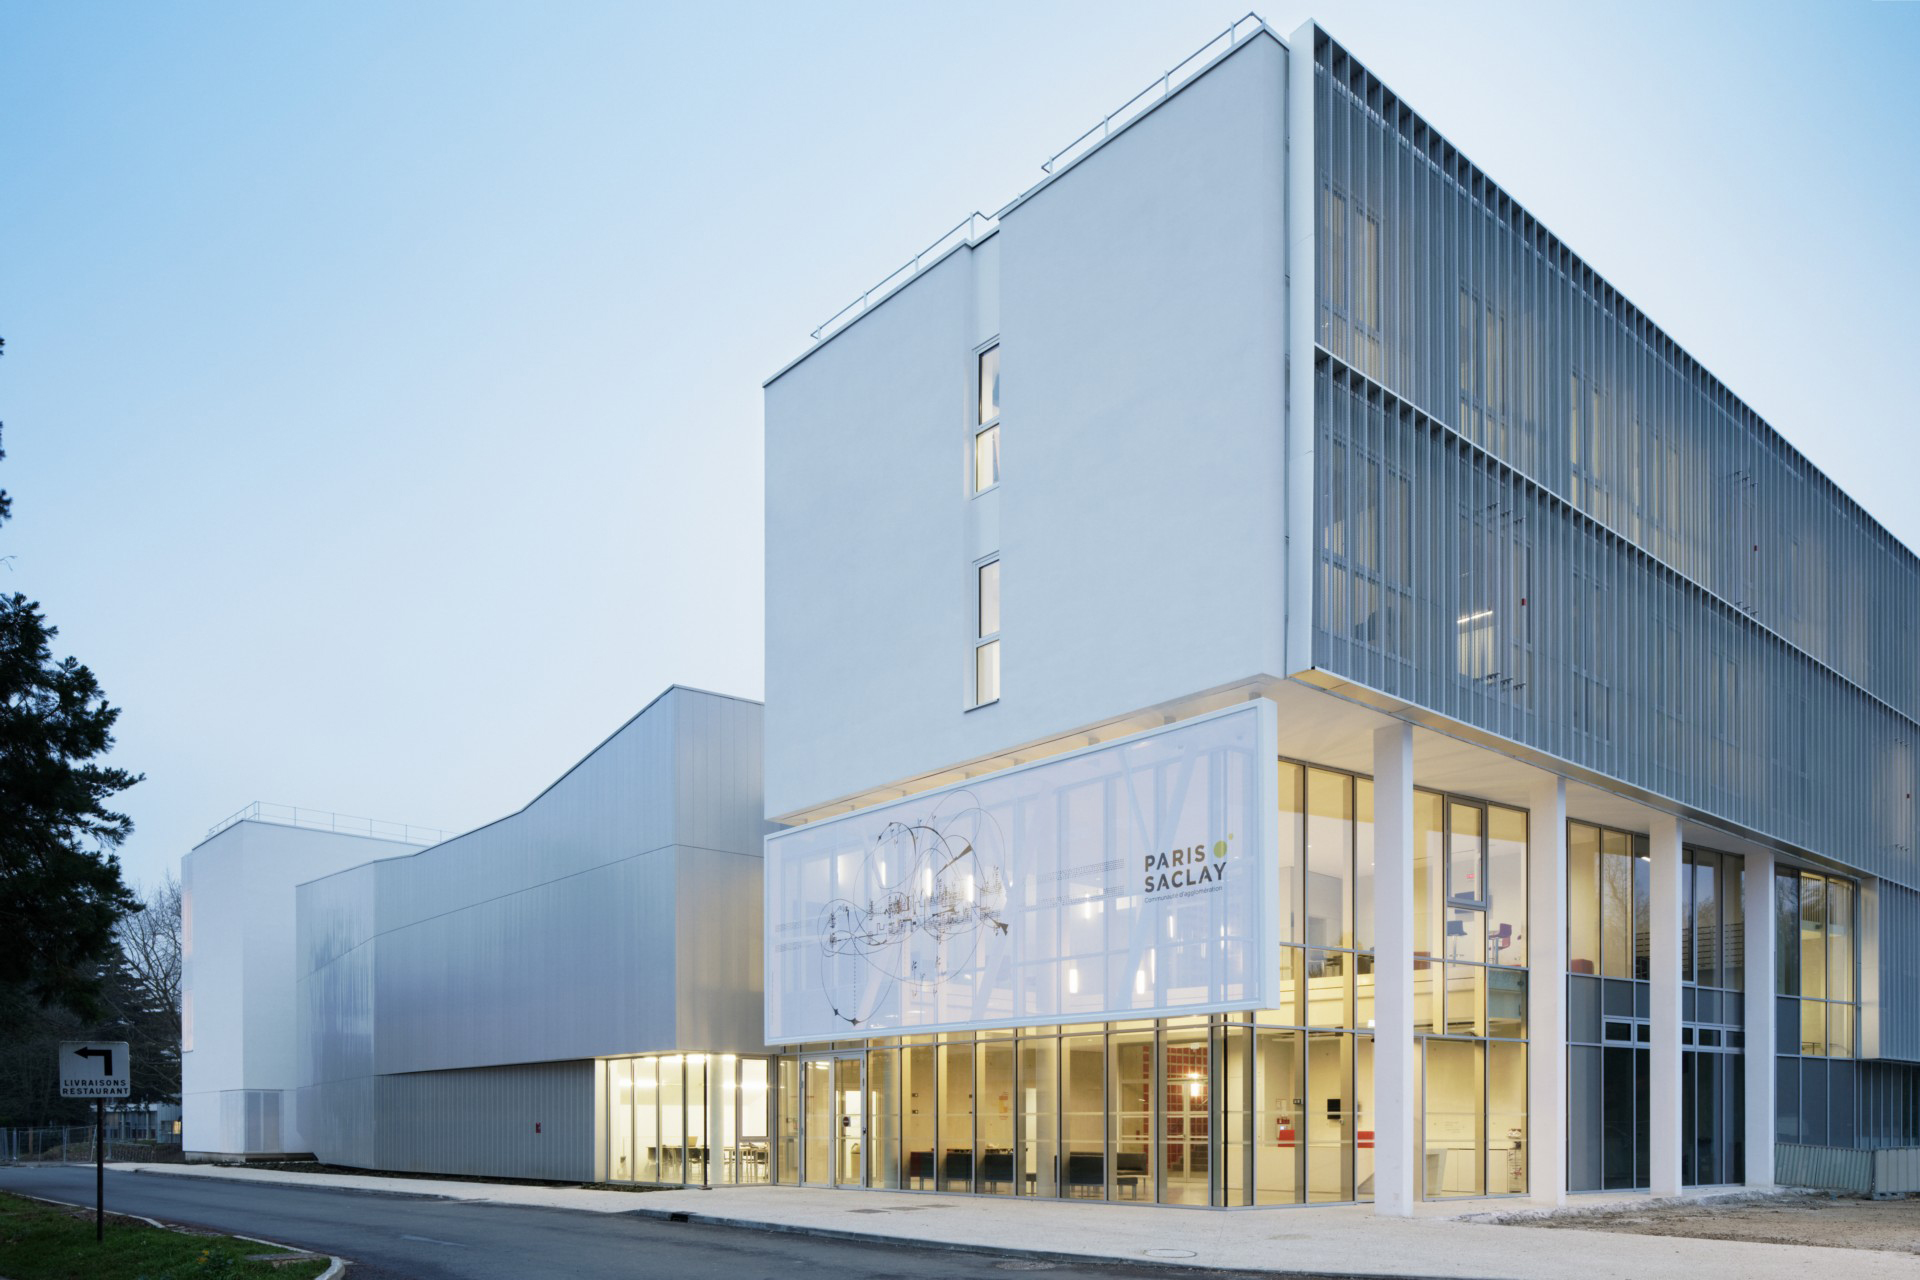 Conservatoire de Théâtre et de Danse / Orsay (91)   Les aménagements paysagers, l'orientation des cheminements et la présence de massifs boisés mettent en scène le nouveau conservatoire d'Orsay et participent à son ouverture vers l'extérieur.